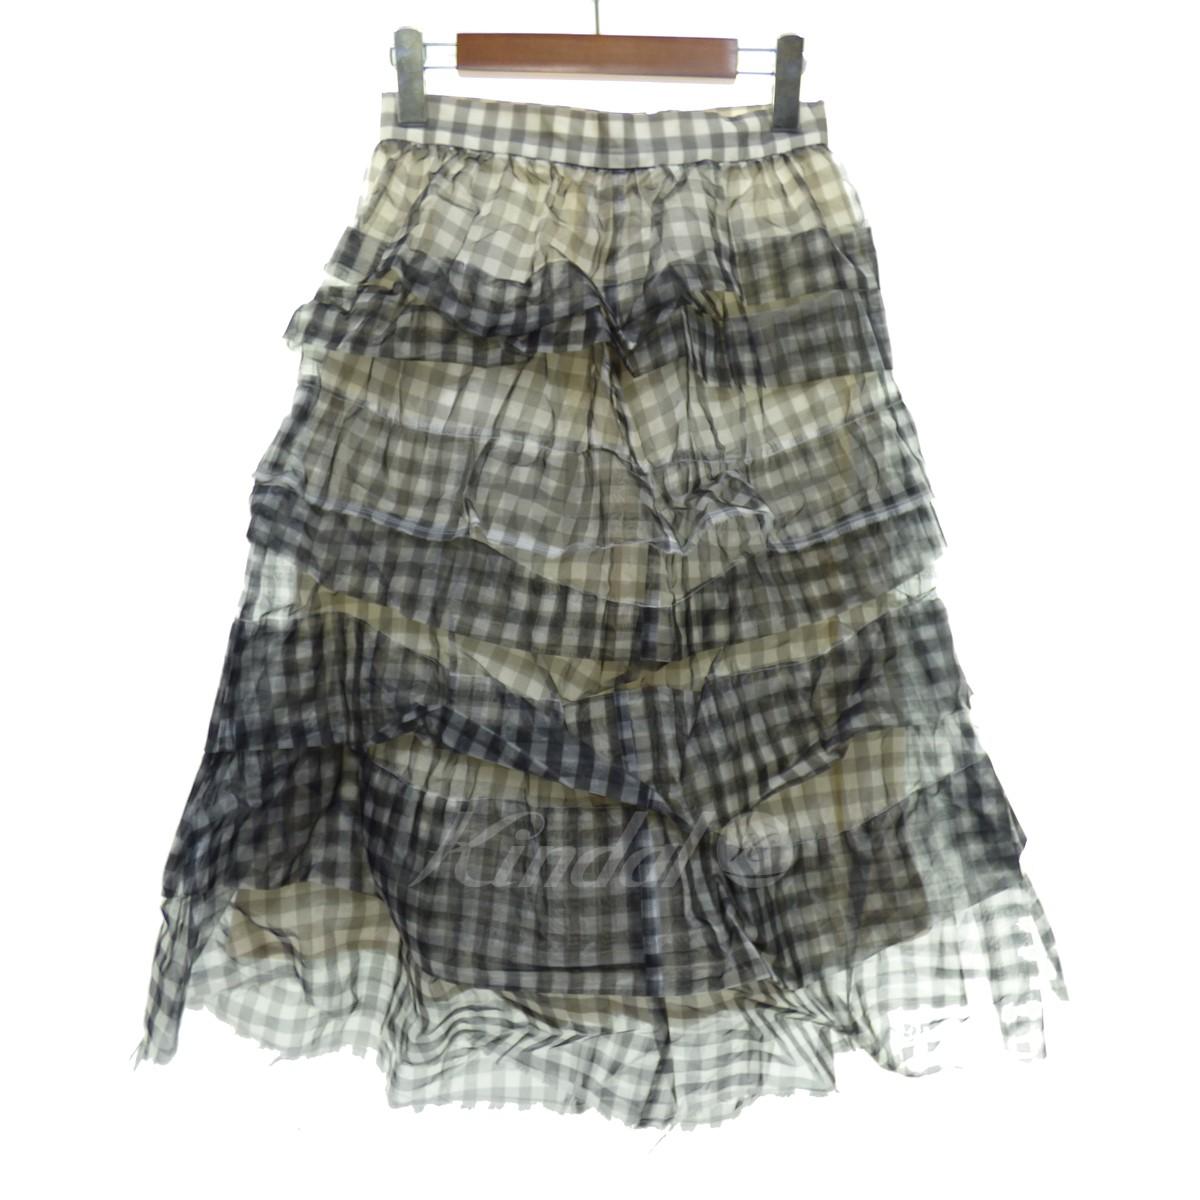 【中古】tricot COMME des GARCONS チェック柄ティアードスカート ブラック×ホワイト サイズ:S 【送料無料】 【040419】(トリココムデギャルソン)